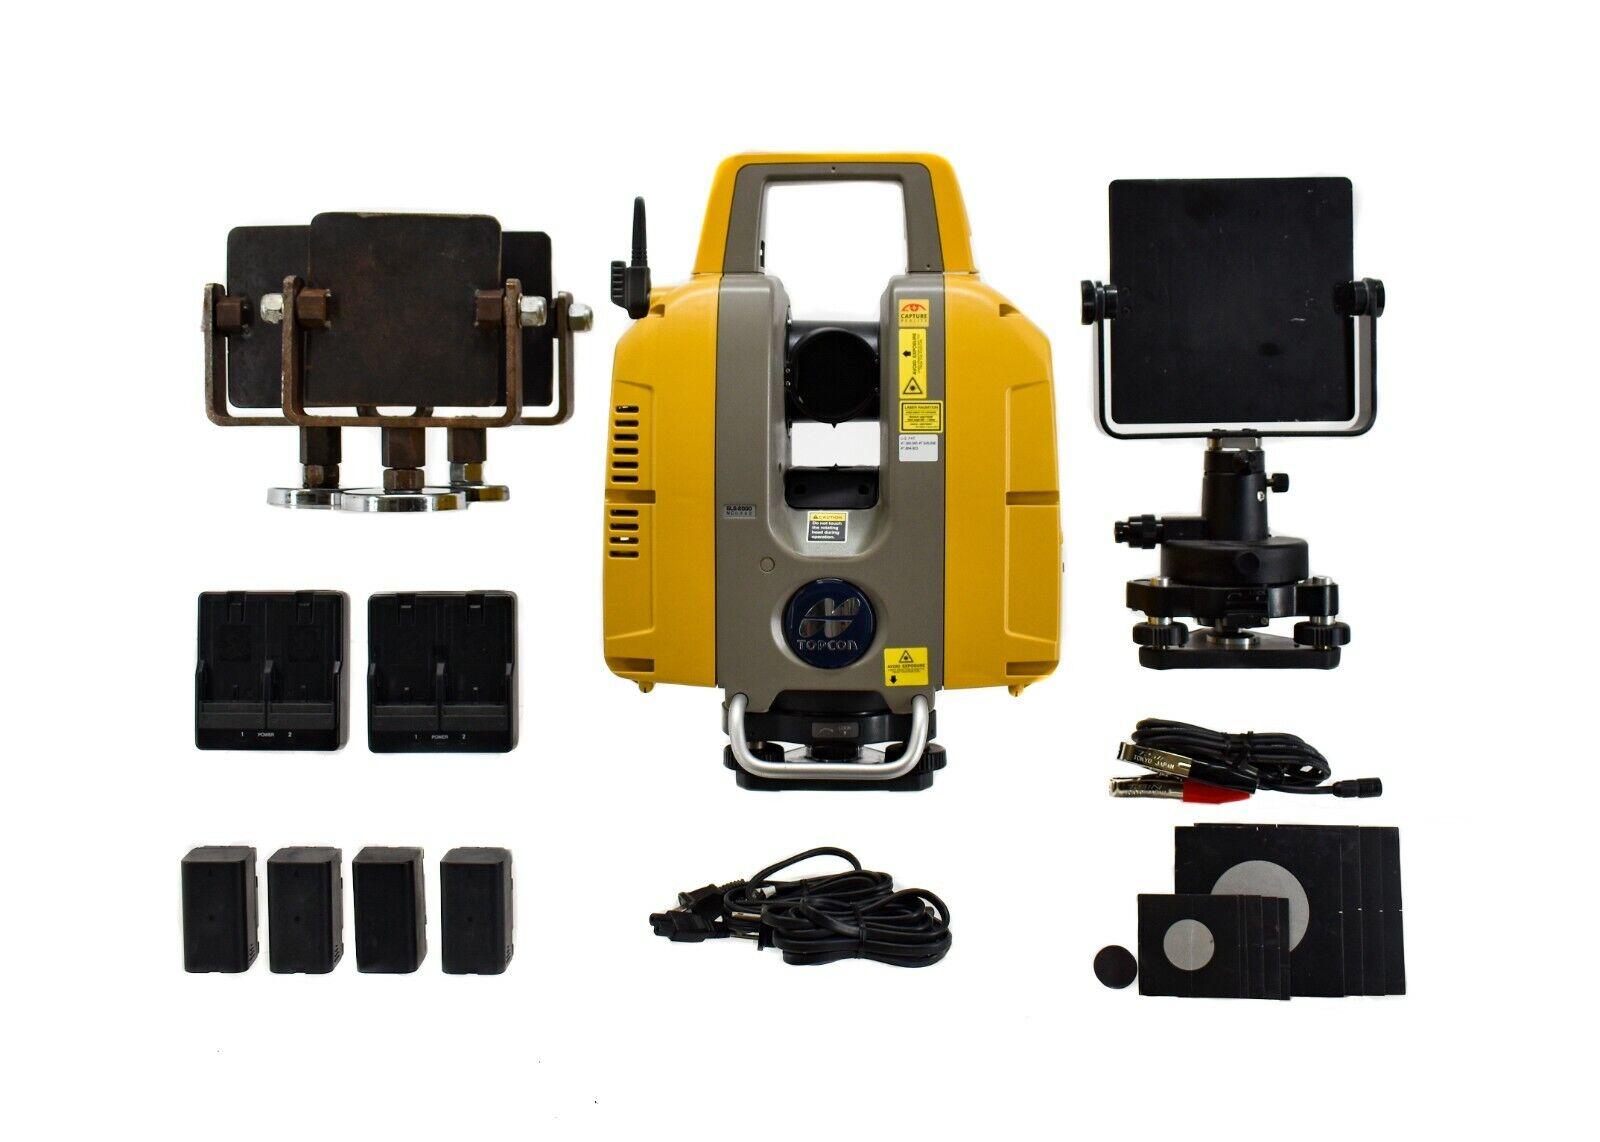 Topcon GLS-2000L 3D Laser Scanner and Targets